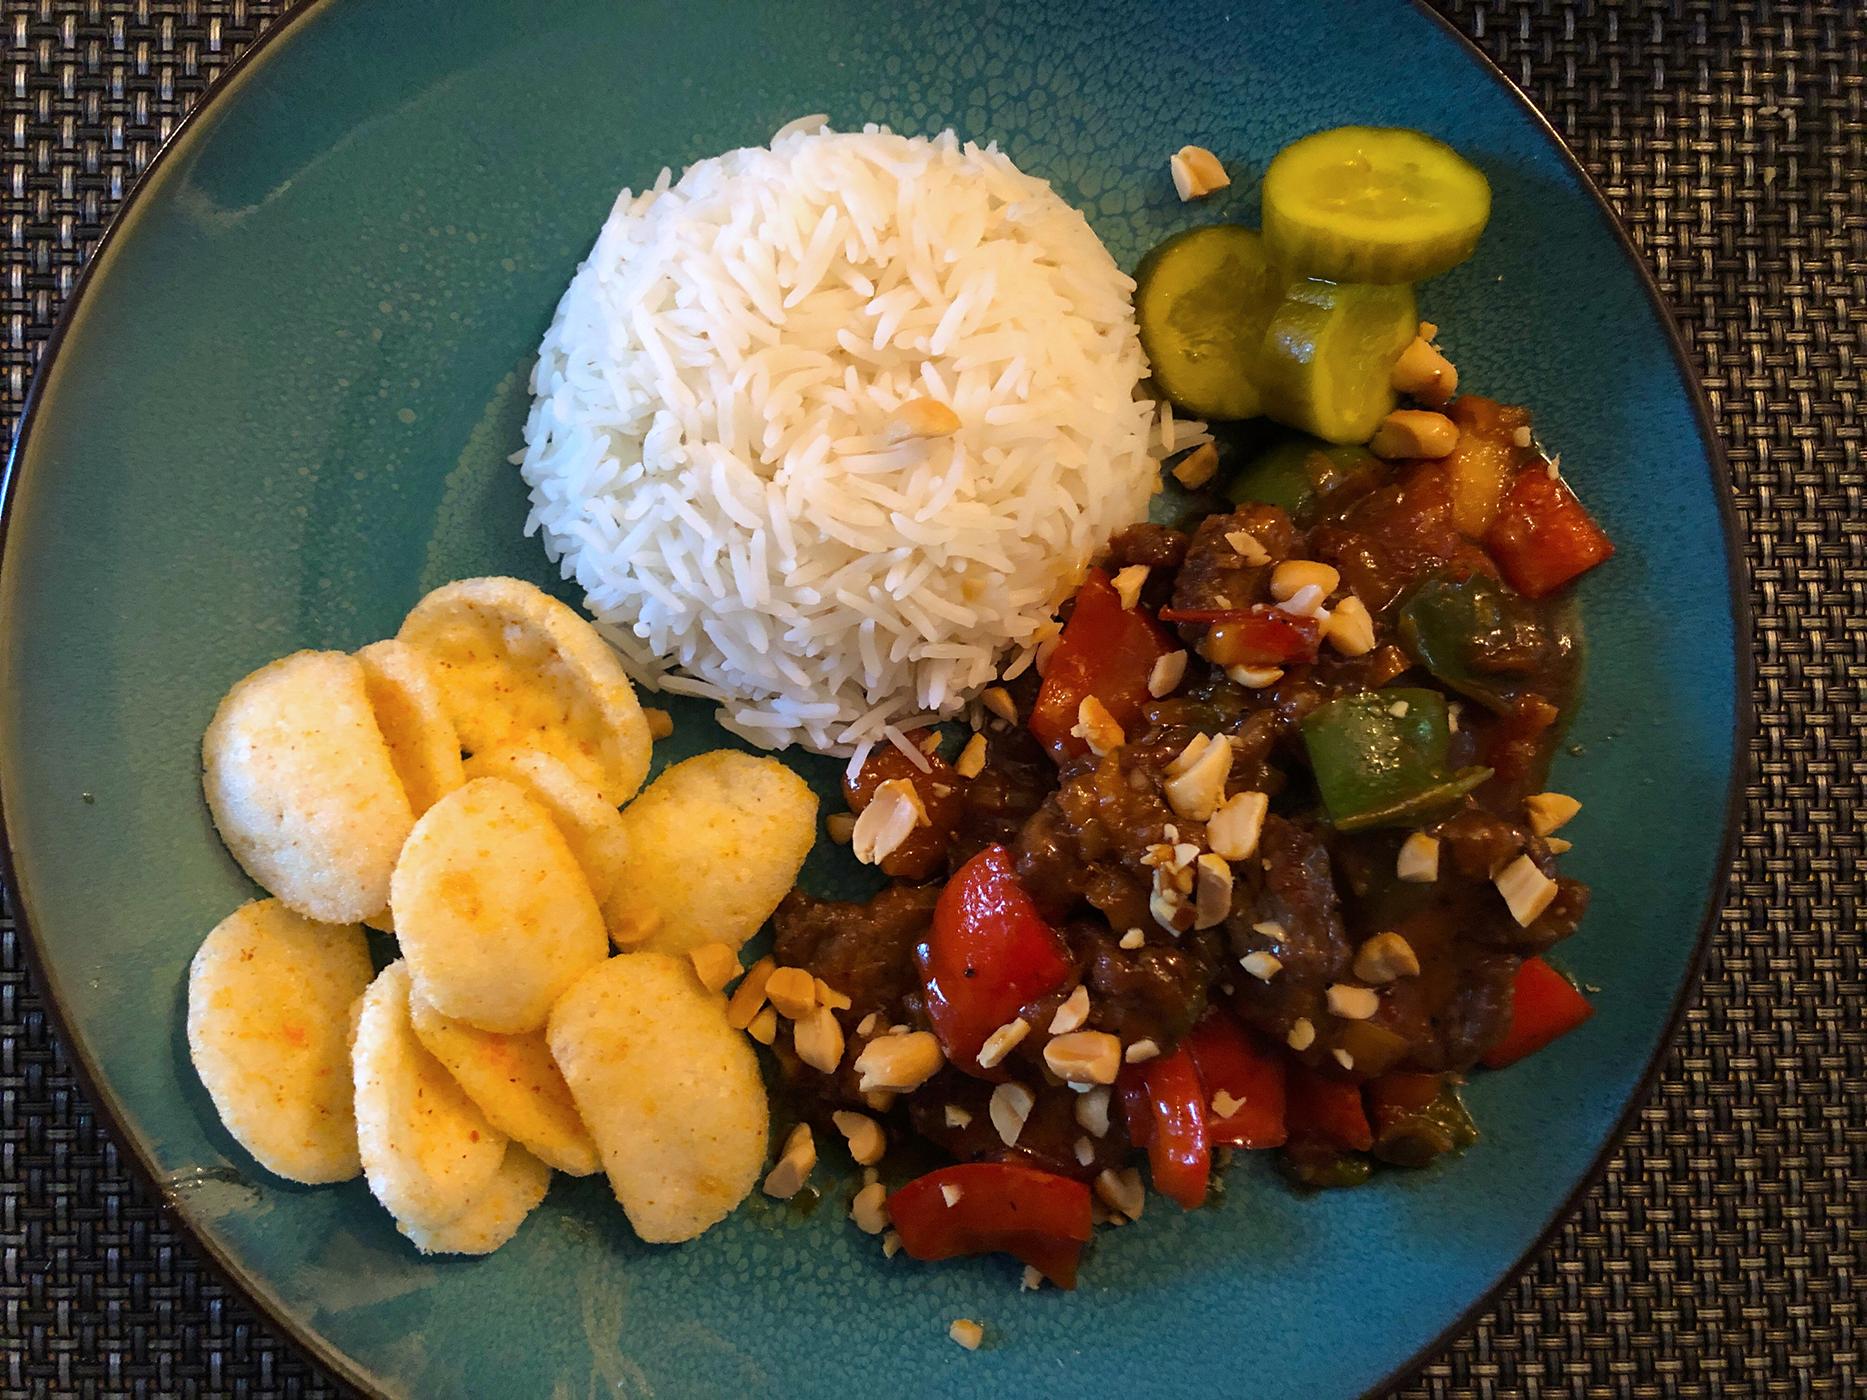 Chinees-Indische maaltijd met rundvlees